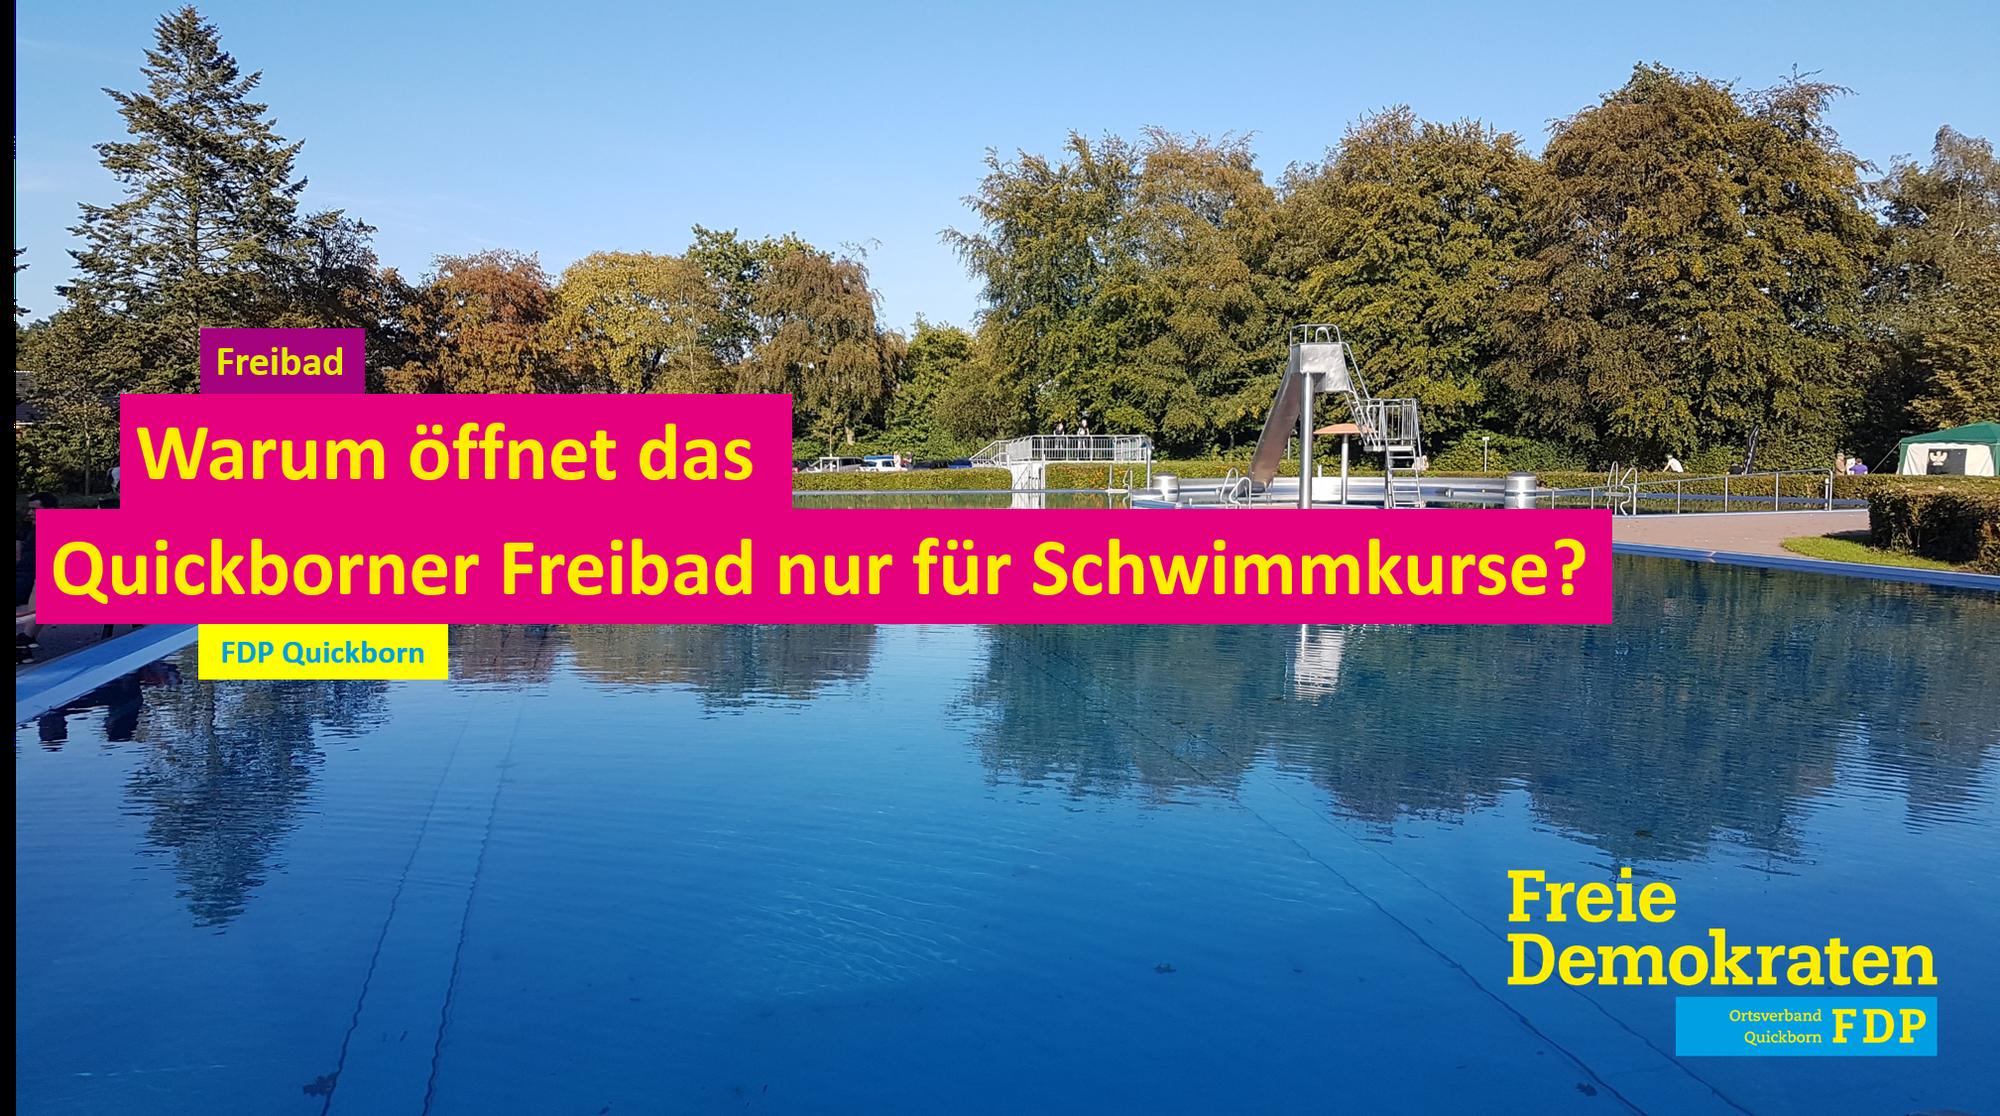 Warum öffnet das Quickborner Freibad nur für Schwimmkurse?